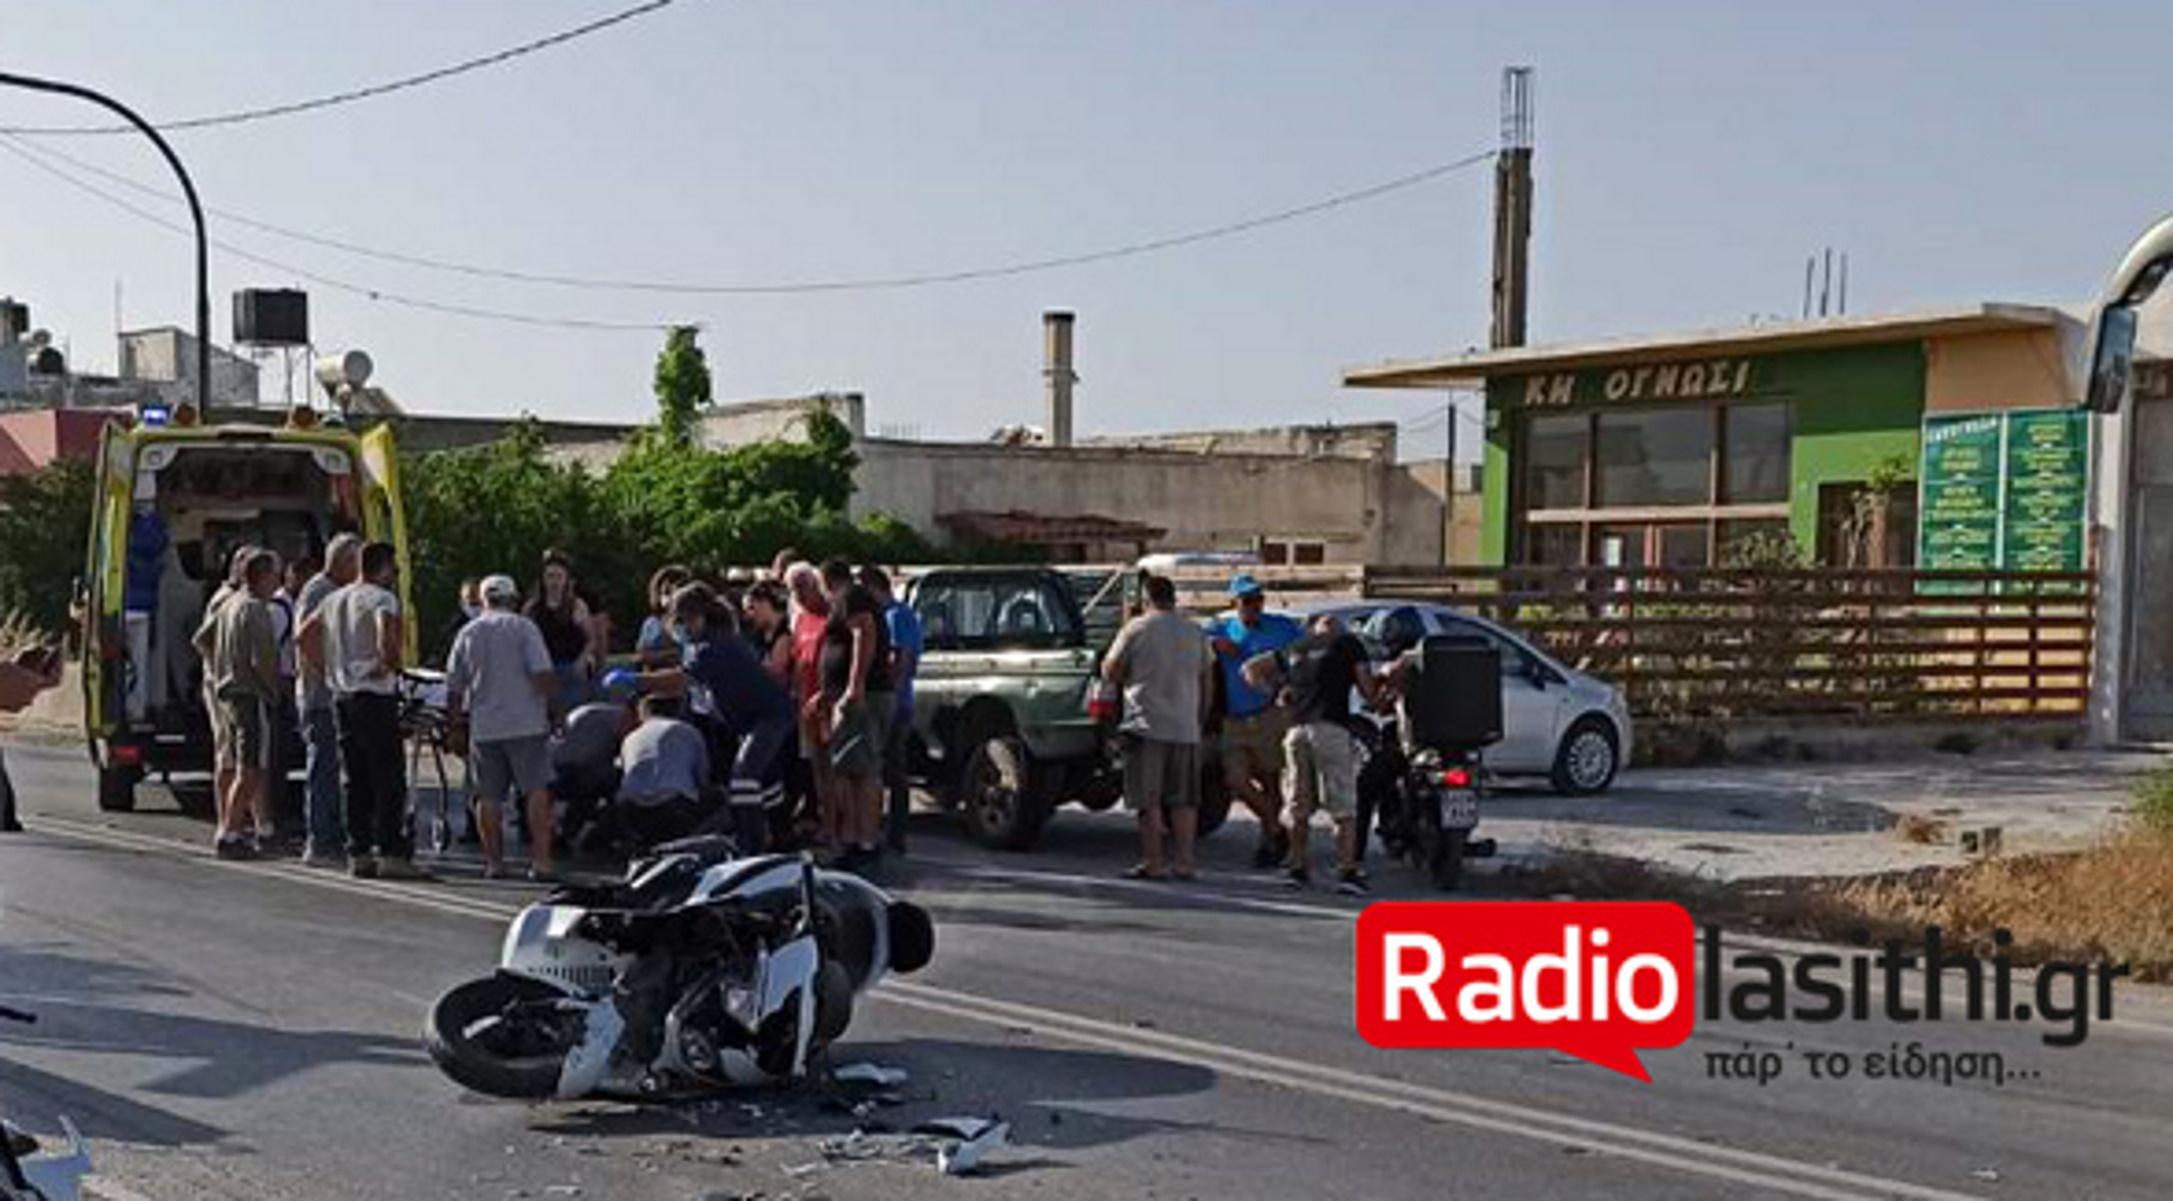 Κρήτη: Διαλύθηκε μηχανή μετά από σφοδρότατη σύγκρουση με αυτοκίνητο (pics)